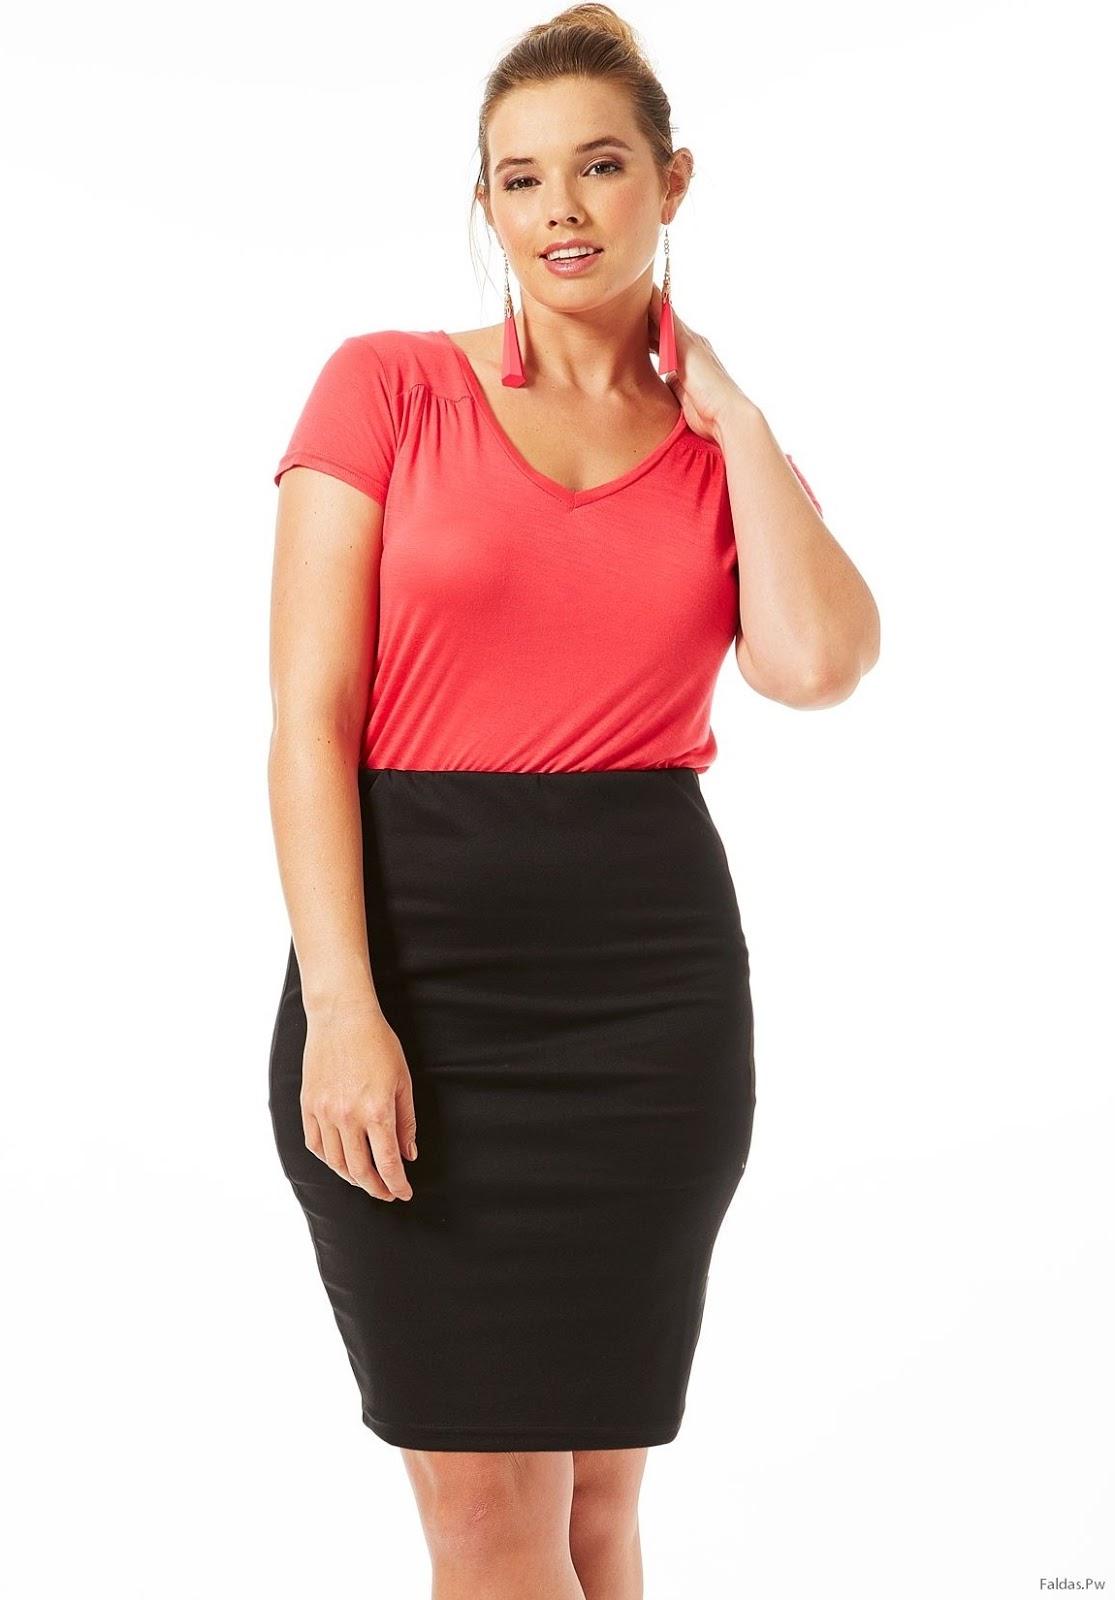 75d40cf6099 Faldas Tubo para Gorditas ¡Increíble Moda para Mujeres! | Faldas ...